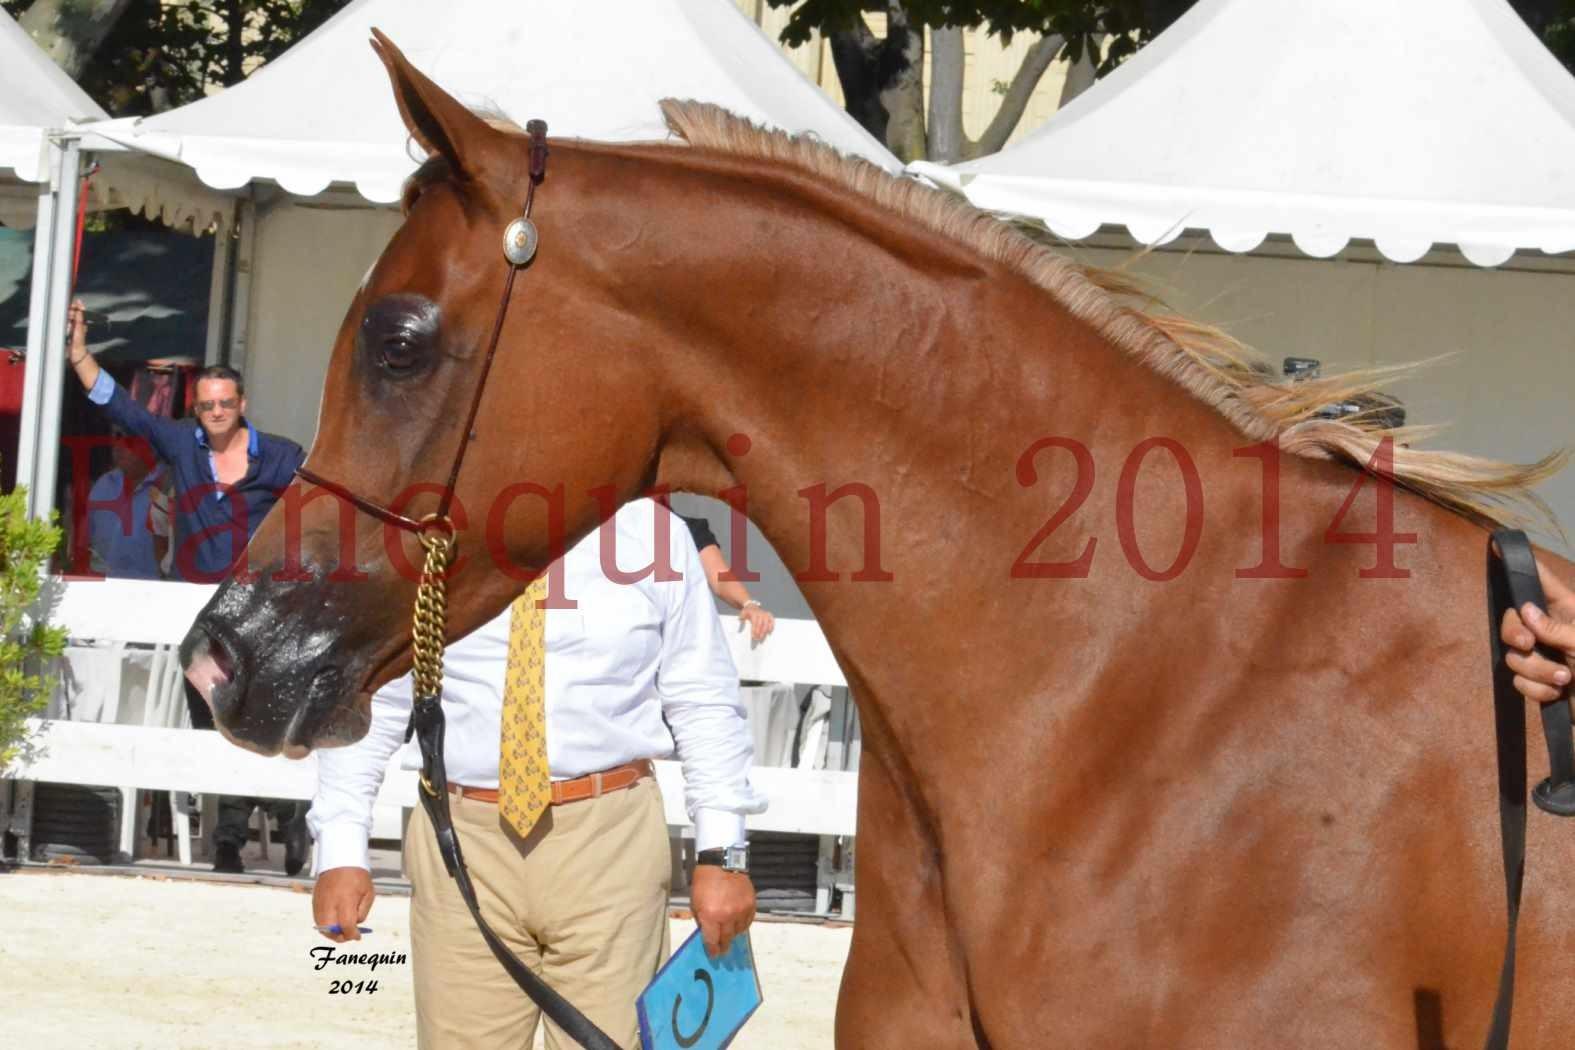 Concours National de Nîmes de chevaux ARABES 2014 - Notre Sélection - Portraits - MASSAI DE BARREL - 3